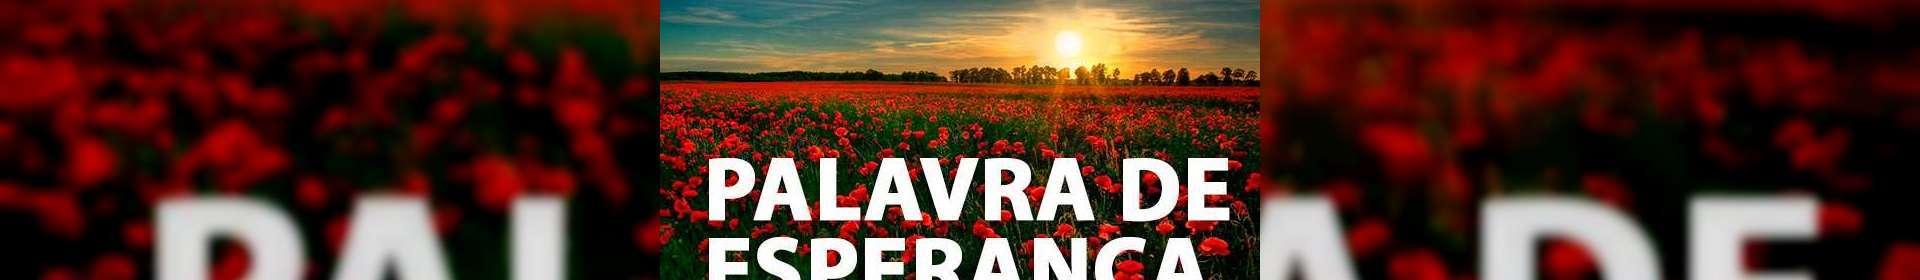 Salmos 91:1-3 - Uma Palavra de Esperança para sua vida